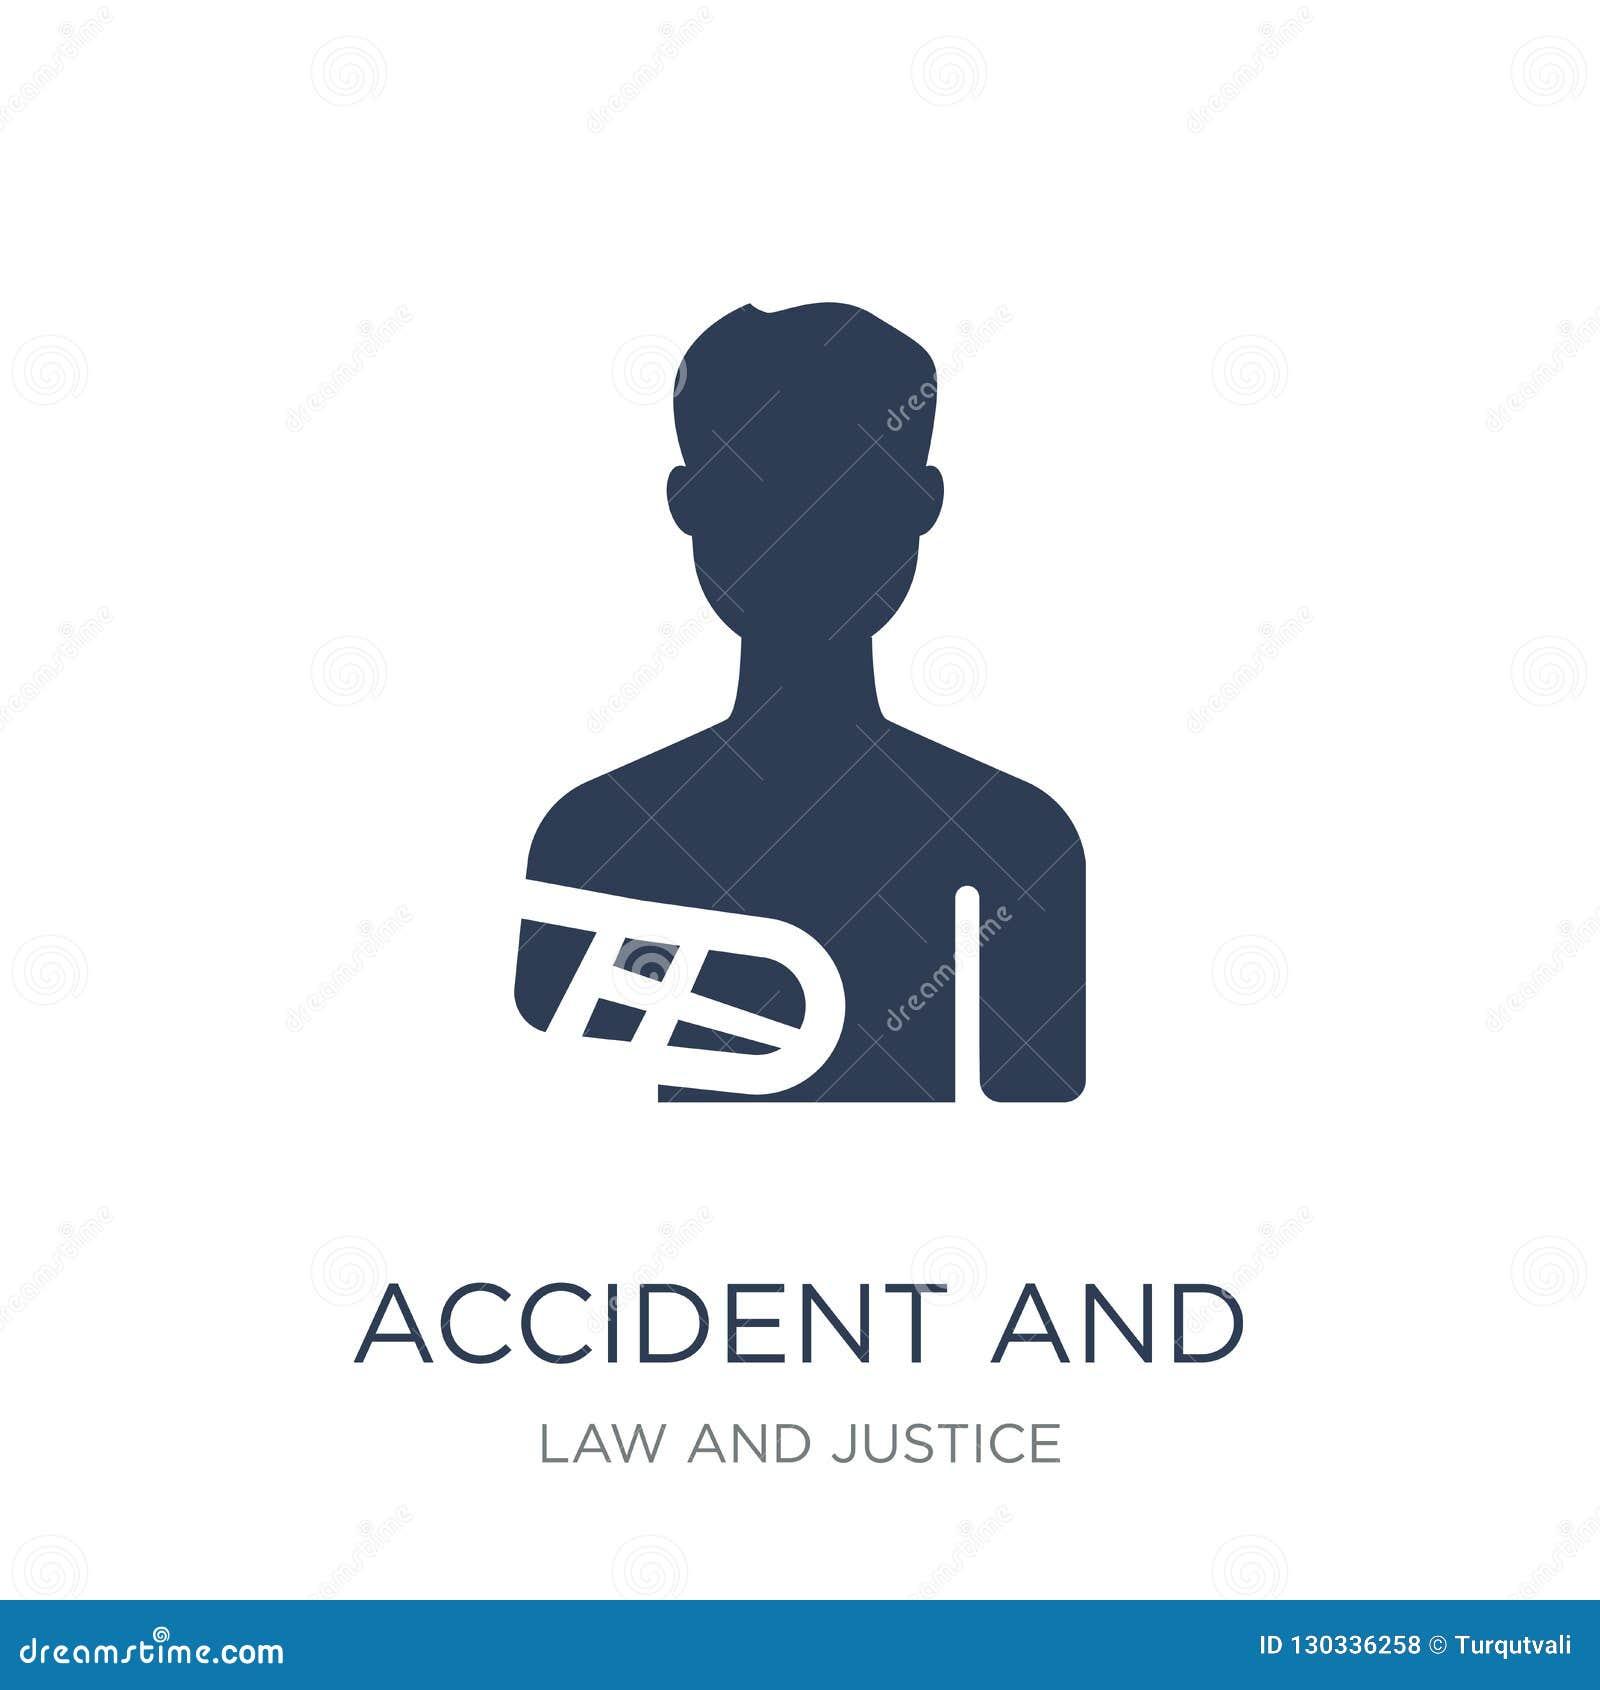 ατύχημα και εικονίδιο τραυματισμών Καθιερώνοντα τη μόδα επίπεδα διανυσματικά ατύχημα και inju